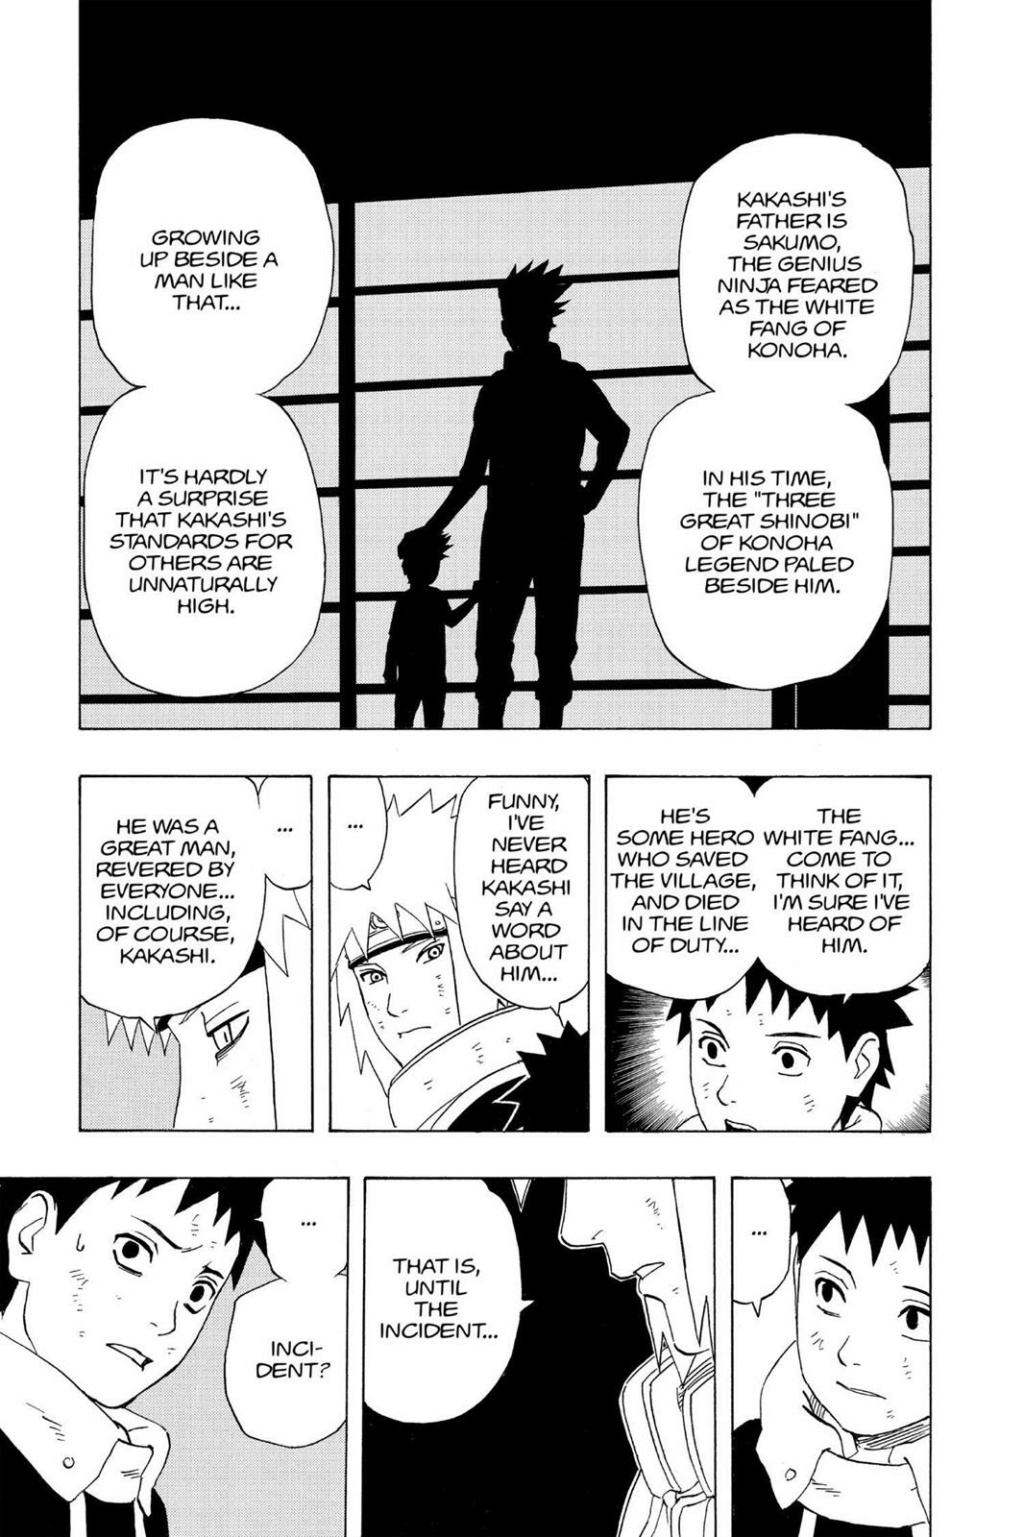 Sakura é inútil ou sofre hate gratuito? - Página 2 0240-010